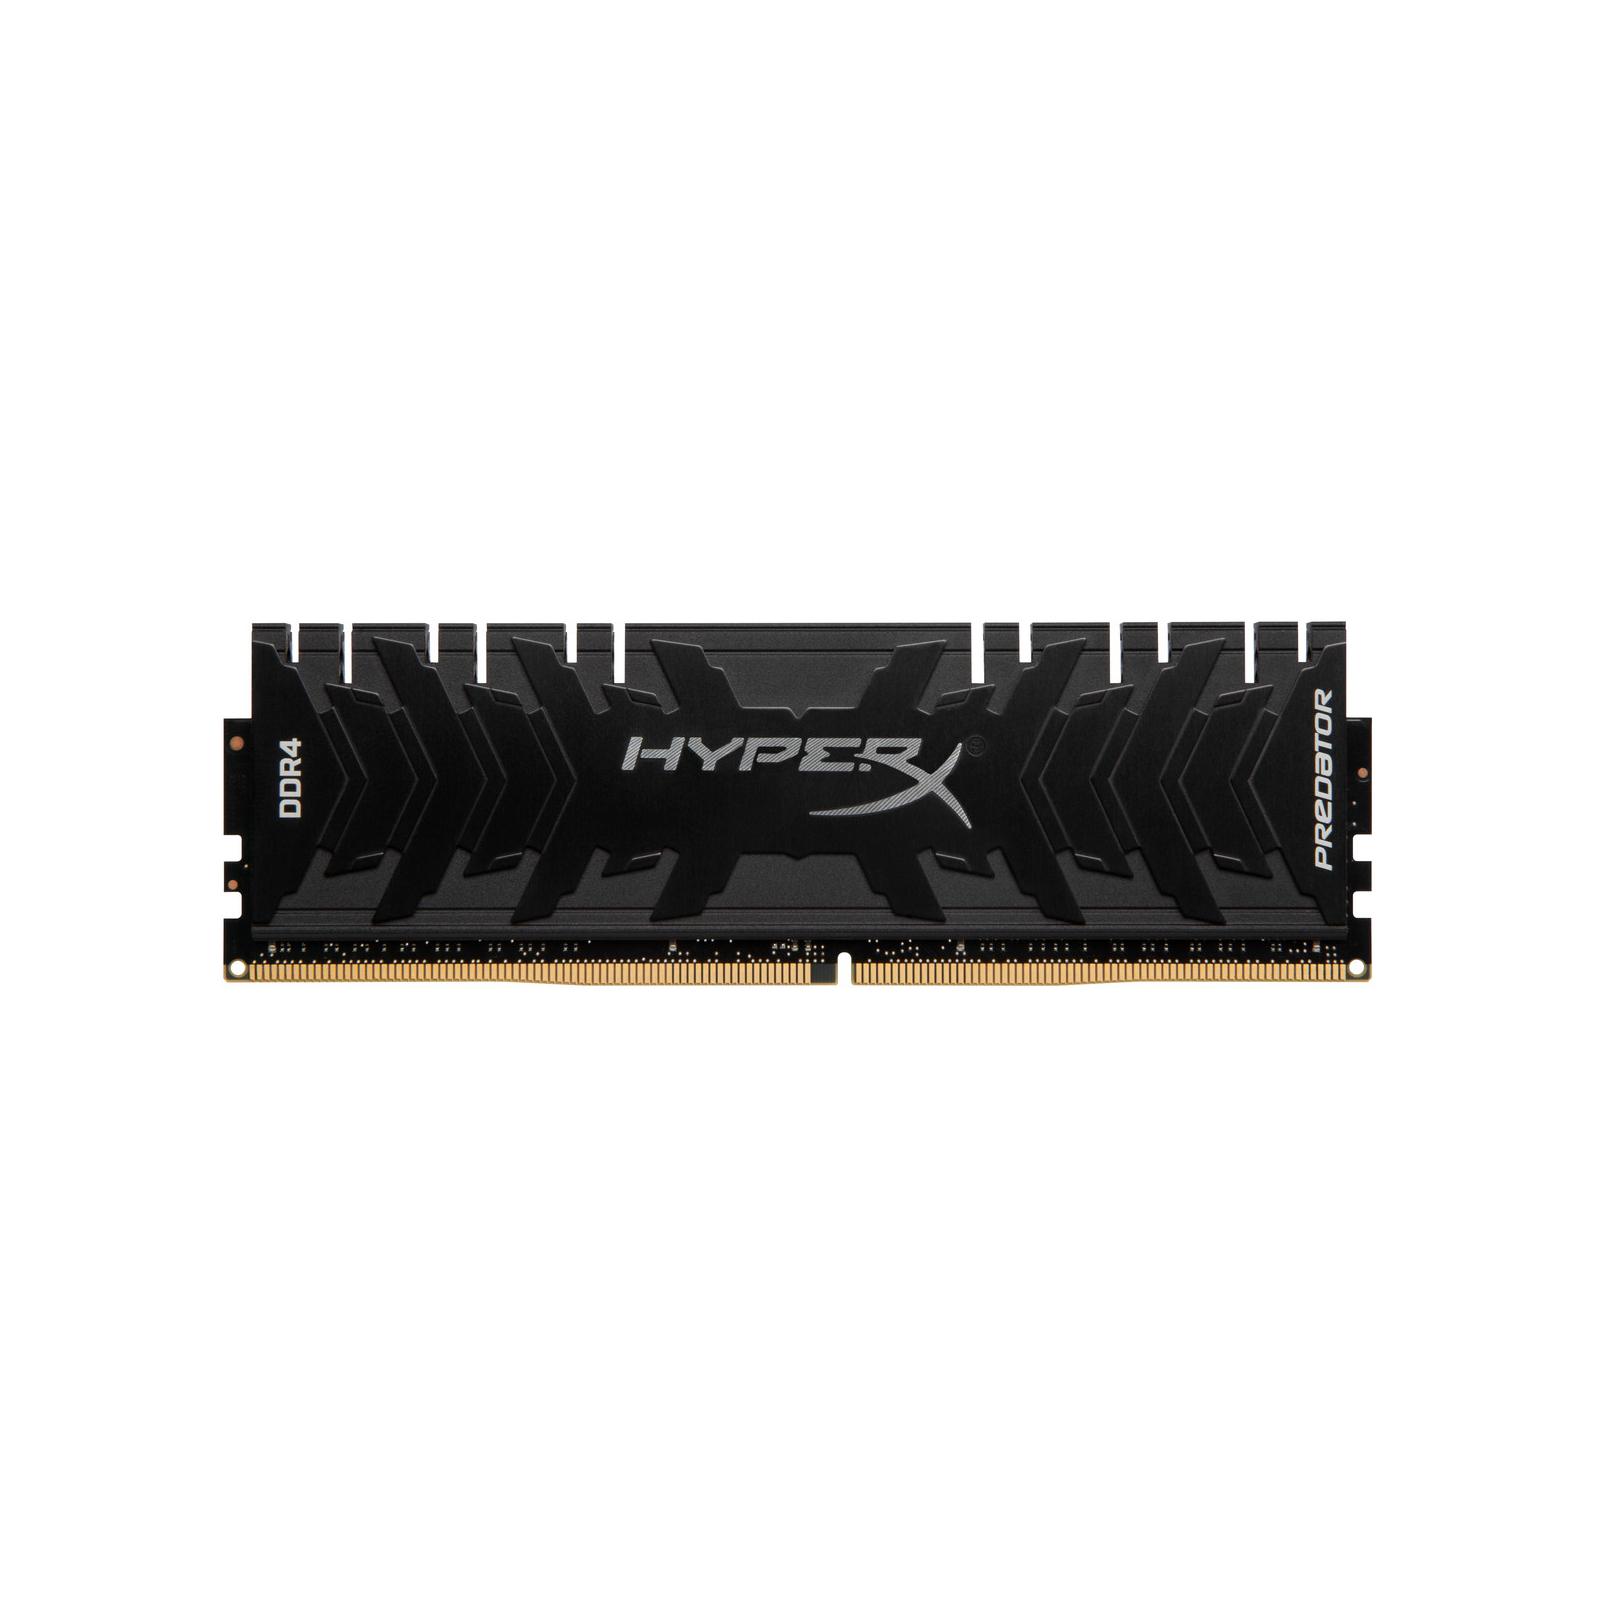 Модуль пам'яті для комп'ютера DDR4 8GB 3600 MHz HyperX Predator Kingston (HX436C17PB4/8)